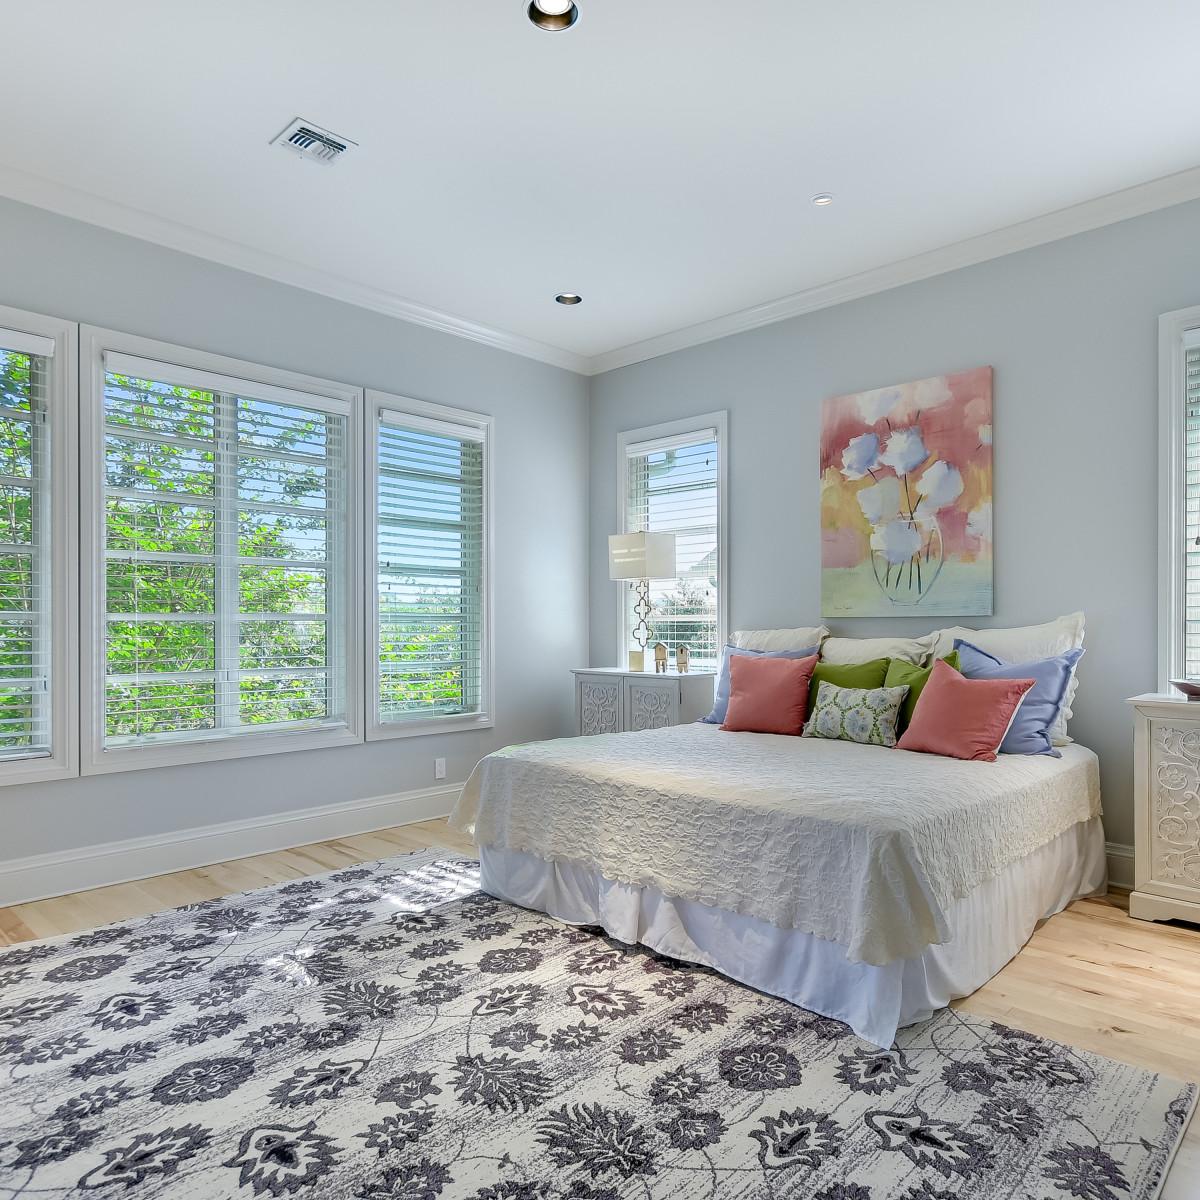 723 Elizabeth San Antonio house for sale master bedroom